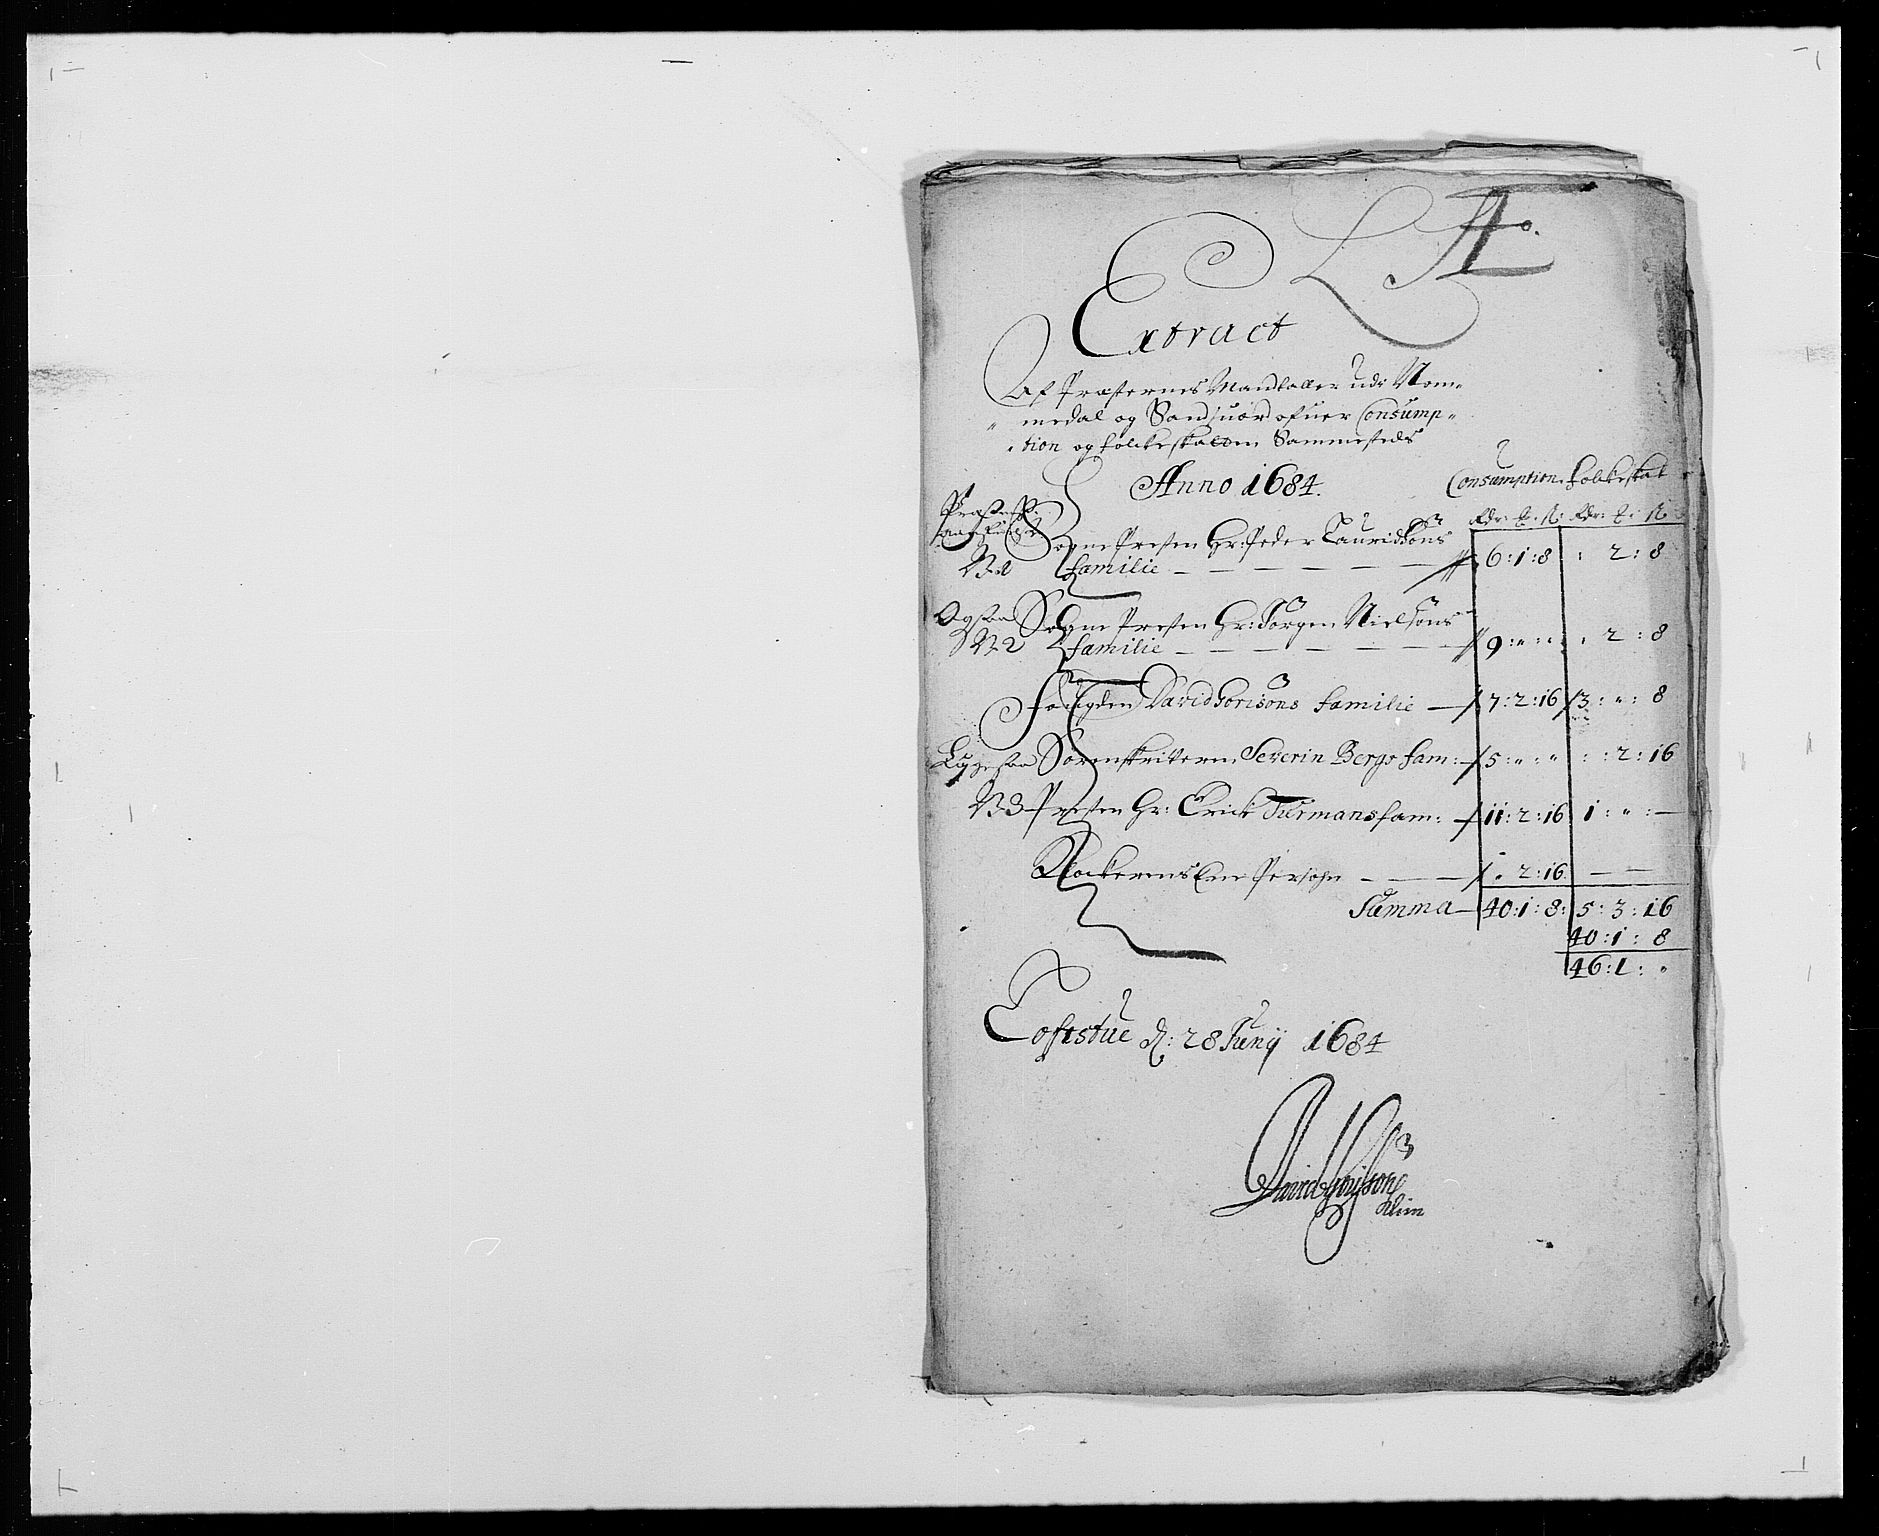 RA, Rentekammeret inntil 1814, Reviderte regnskaper, Fogderegnskap, R24/L1571: Fogderegnskap Numedal og Sandsvær, 1679-1686, s. 221